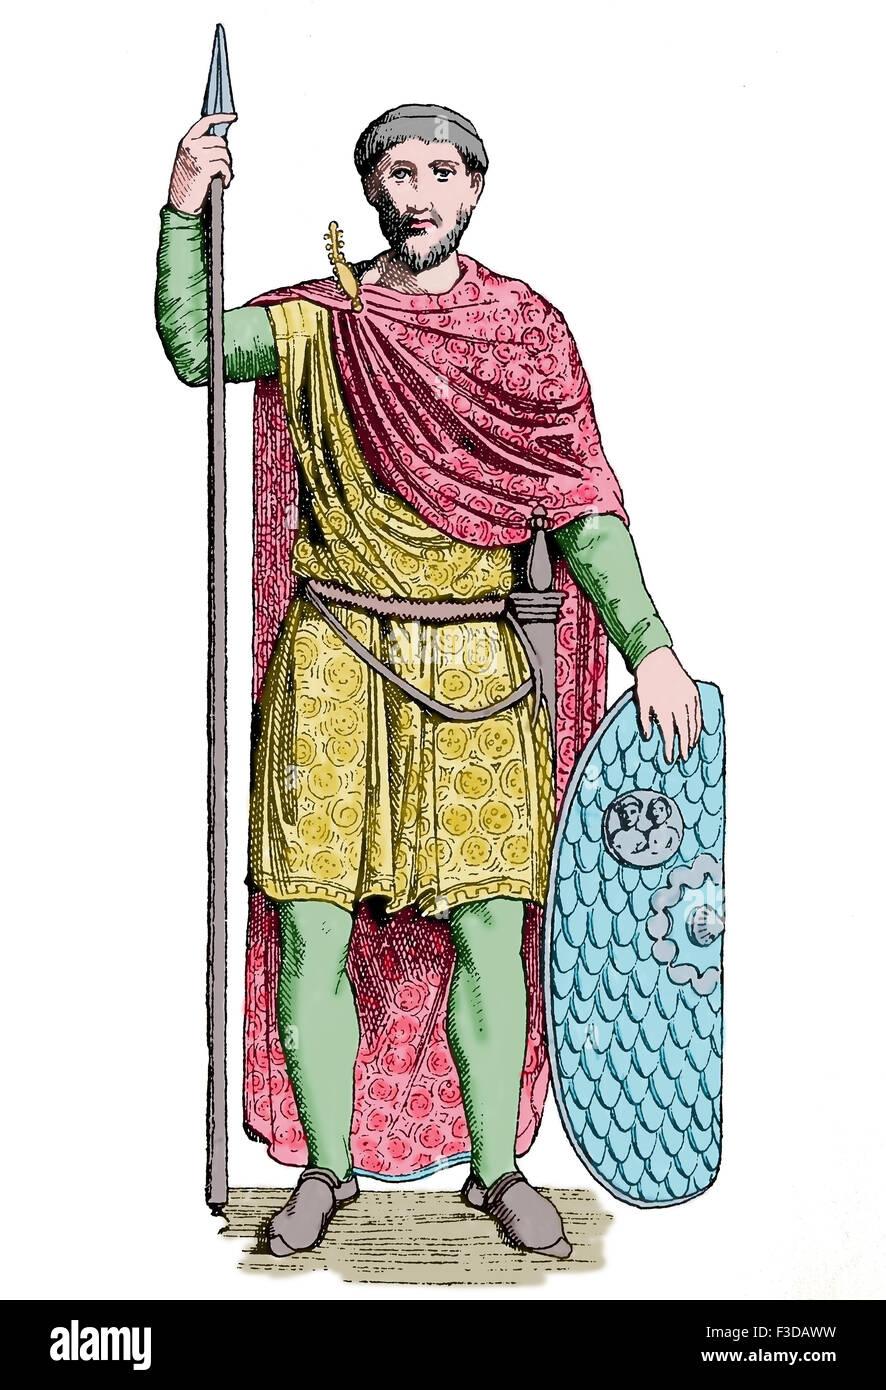 La antigüedad tardía. Easthern Imperio Romano. Noblemant. Siglo 5 DC. Grabado. Siglo xix. Posteriormente coloración. Foto de stock